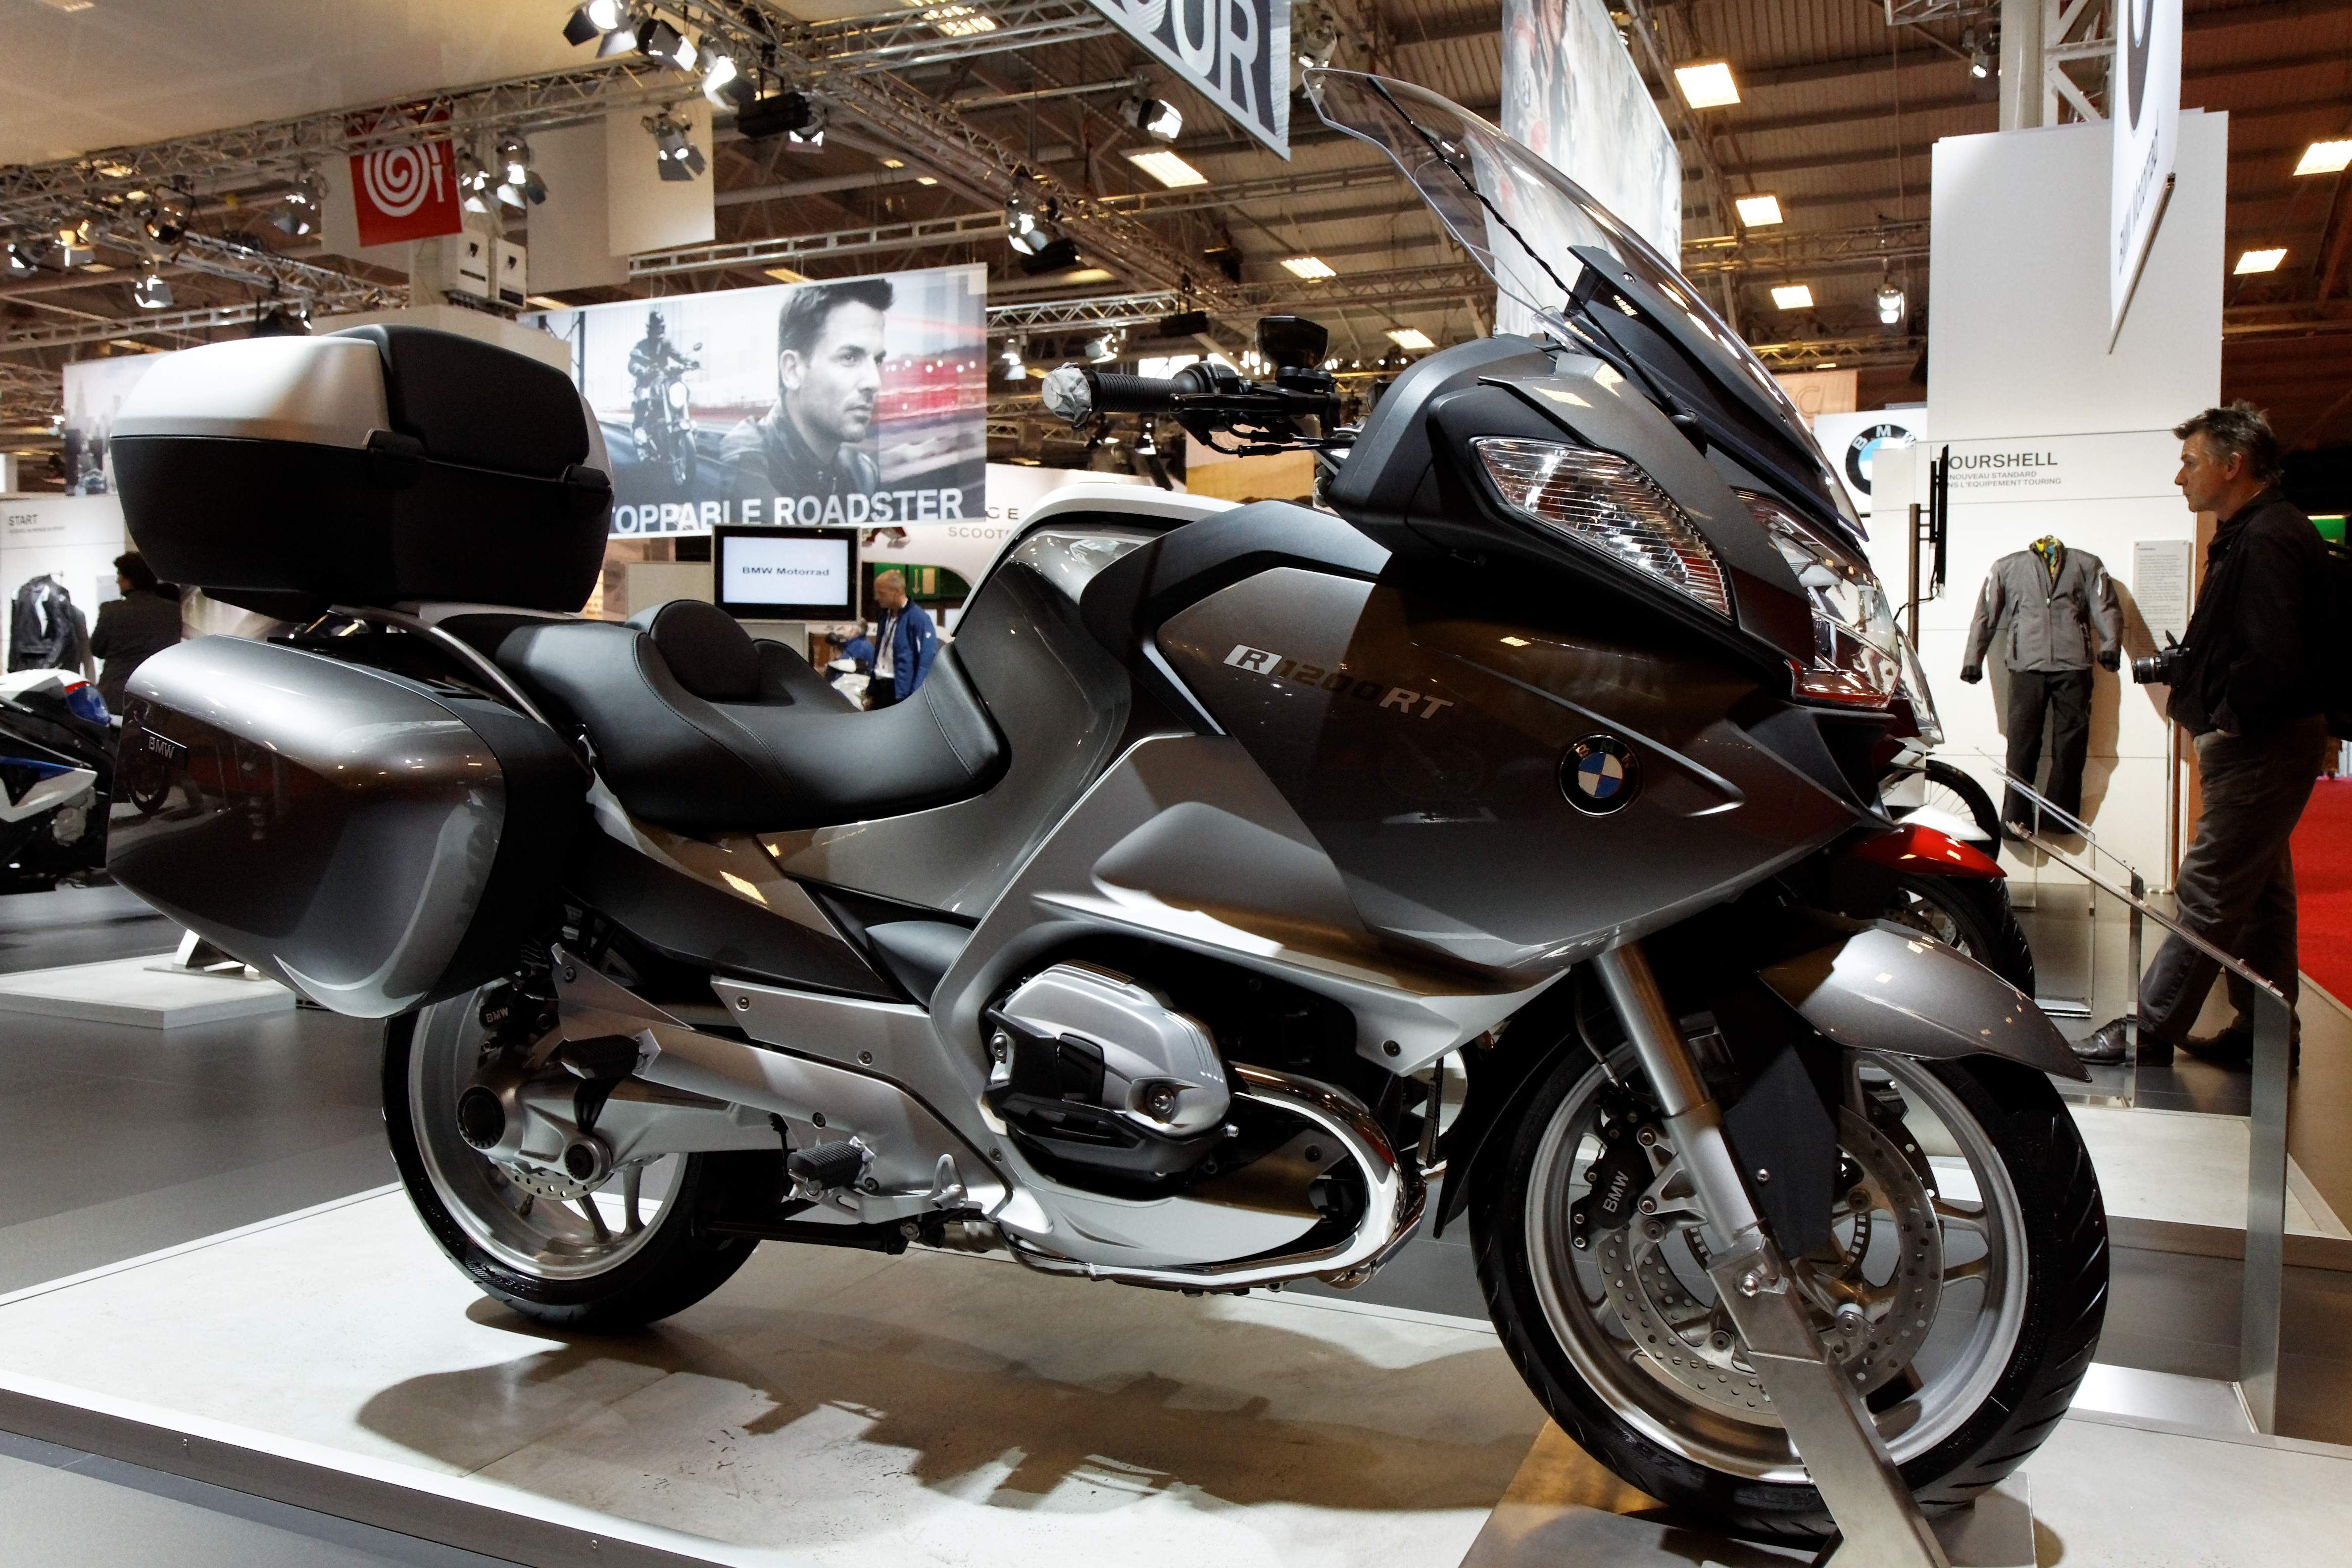 file paris salon de la moto 2011 bmw r 1200 rt. Black Bedroom Furniture Sets. Home Design Ideas